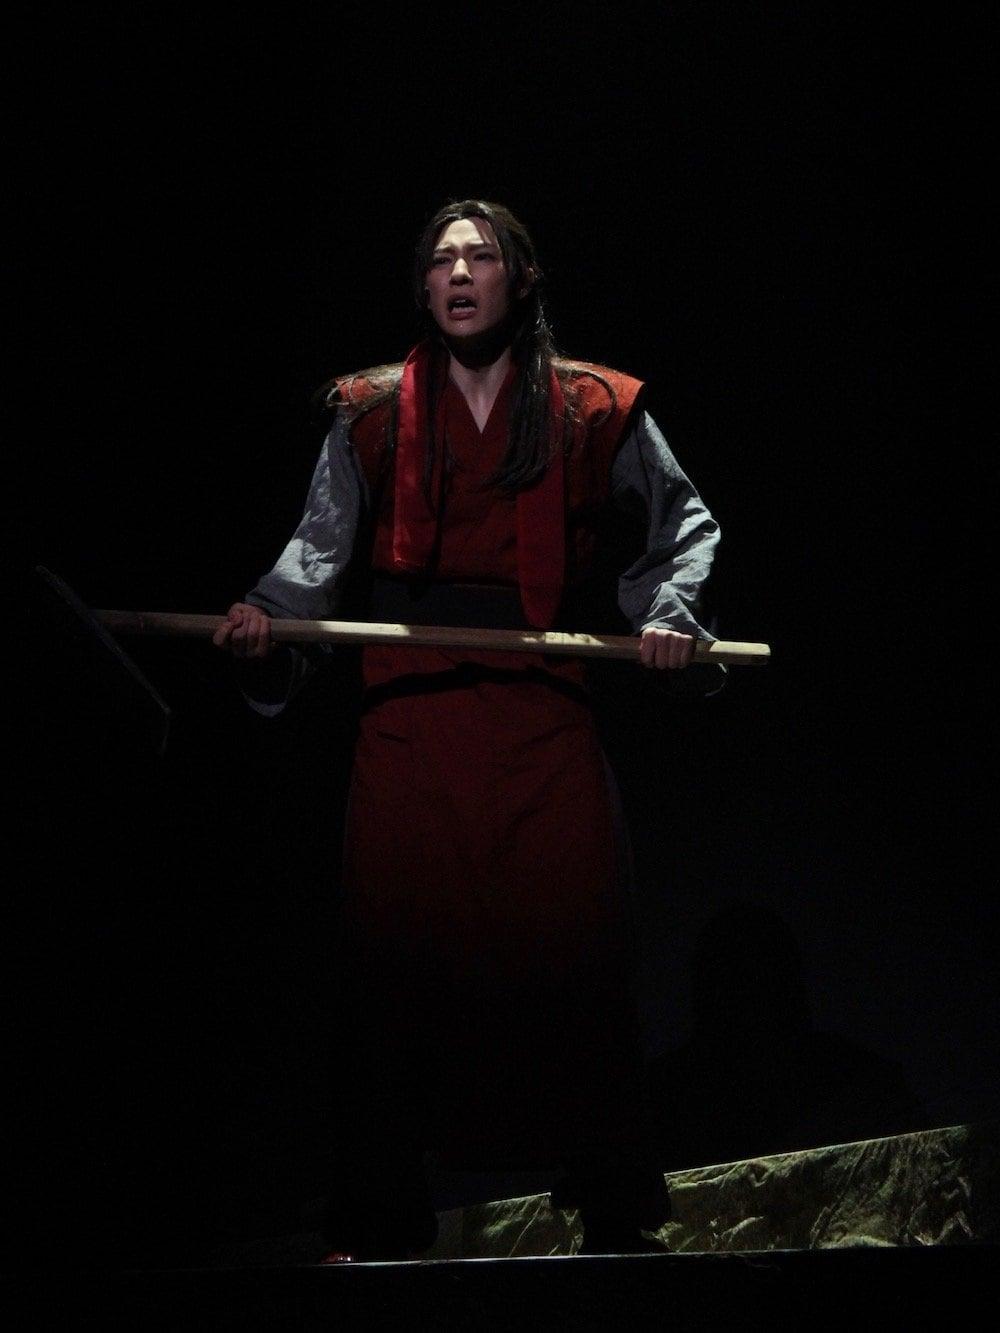 生駒里奈・矢部昌暉、舞台『暁のヨナ』公開ゲネプロで華麗な舞&殺陣を披露!の画像005